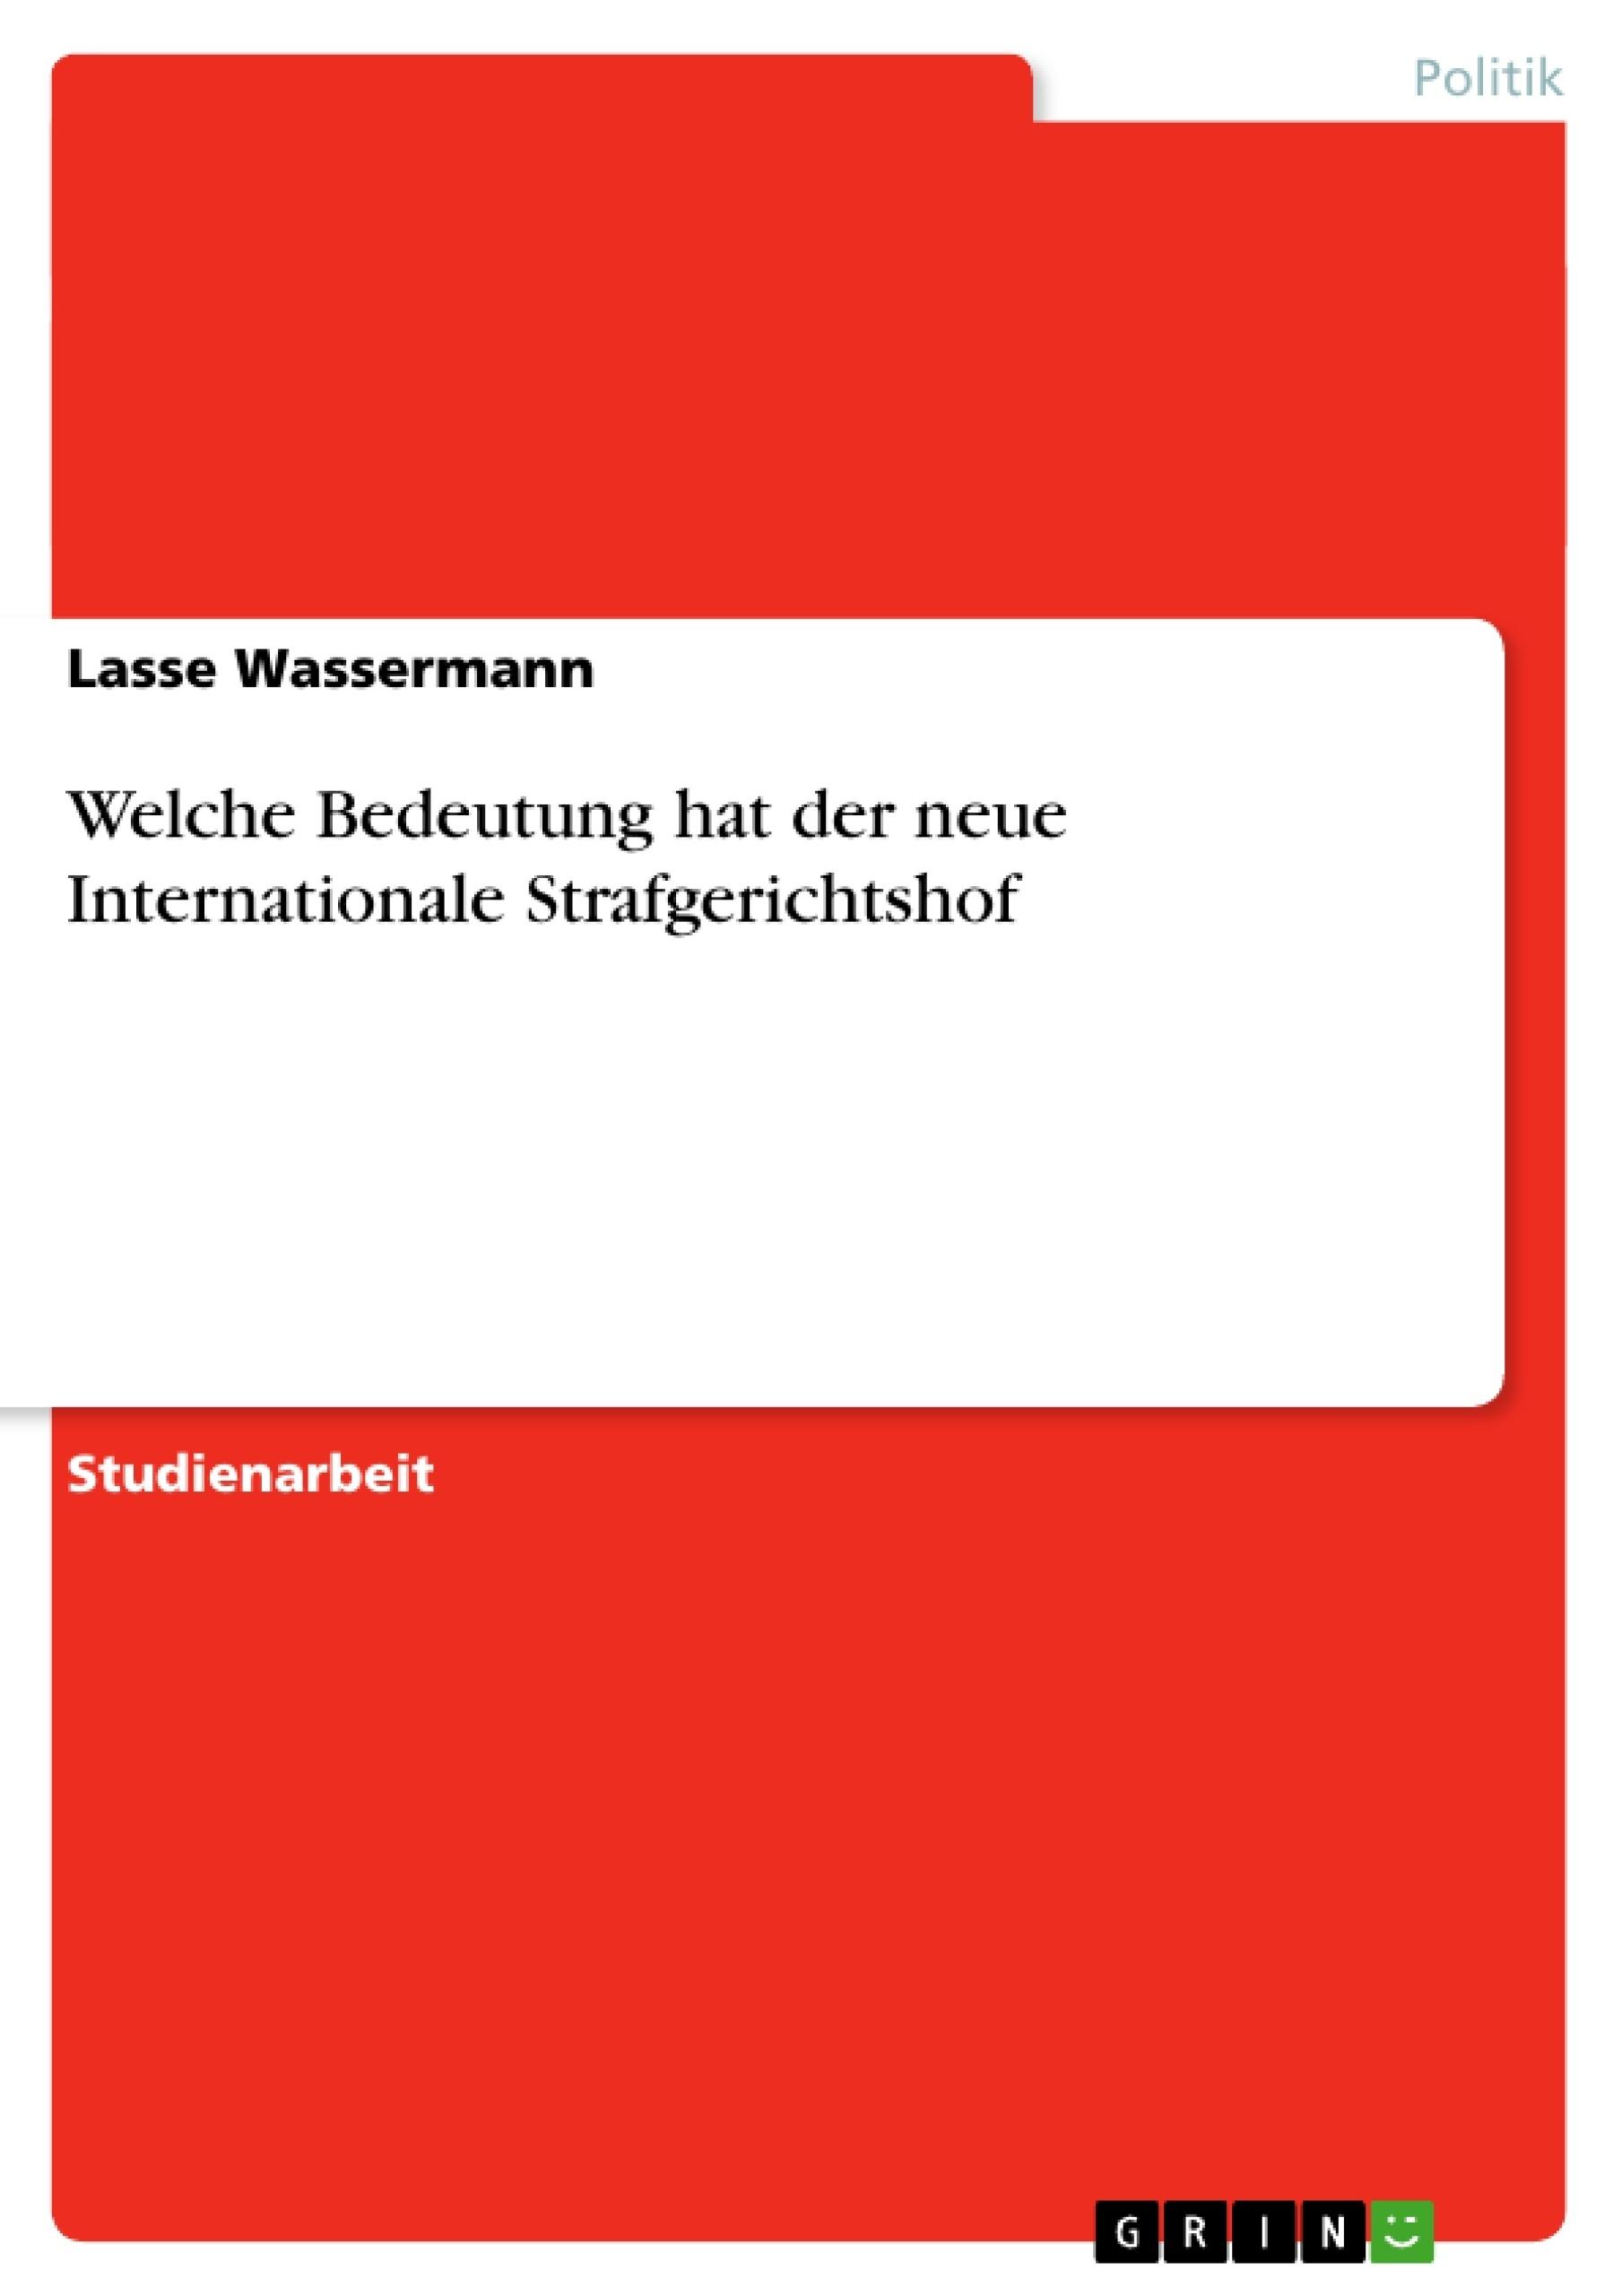 Titel: Welche Bedeutung hat der neue Internationale Strafgerichtshof